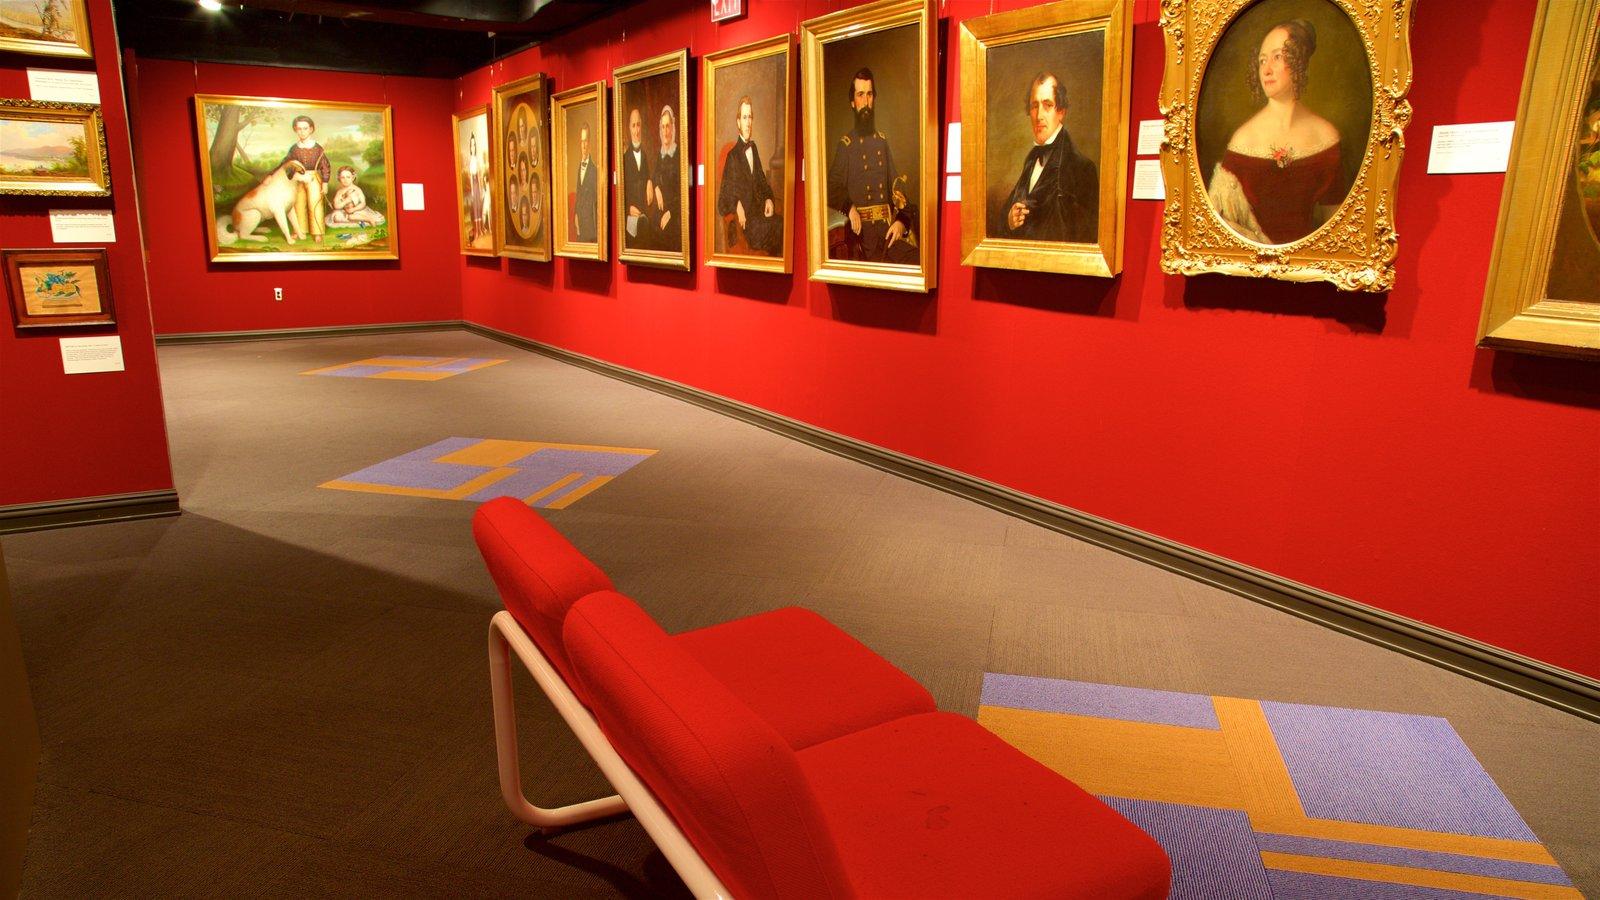 Tennessee State Museum ofreciendo vistas interiores y arte